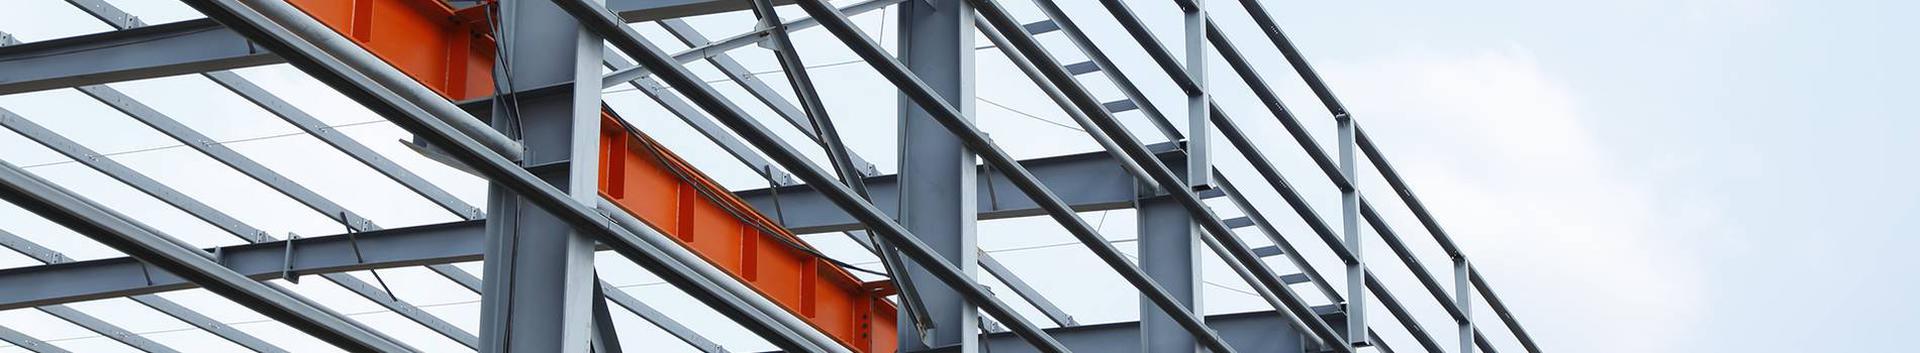 2511_metallkonstruktsioonide-tootmine_34281297_xl.jpg